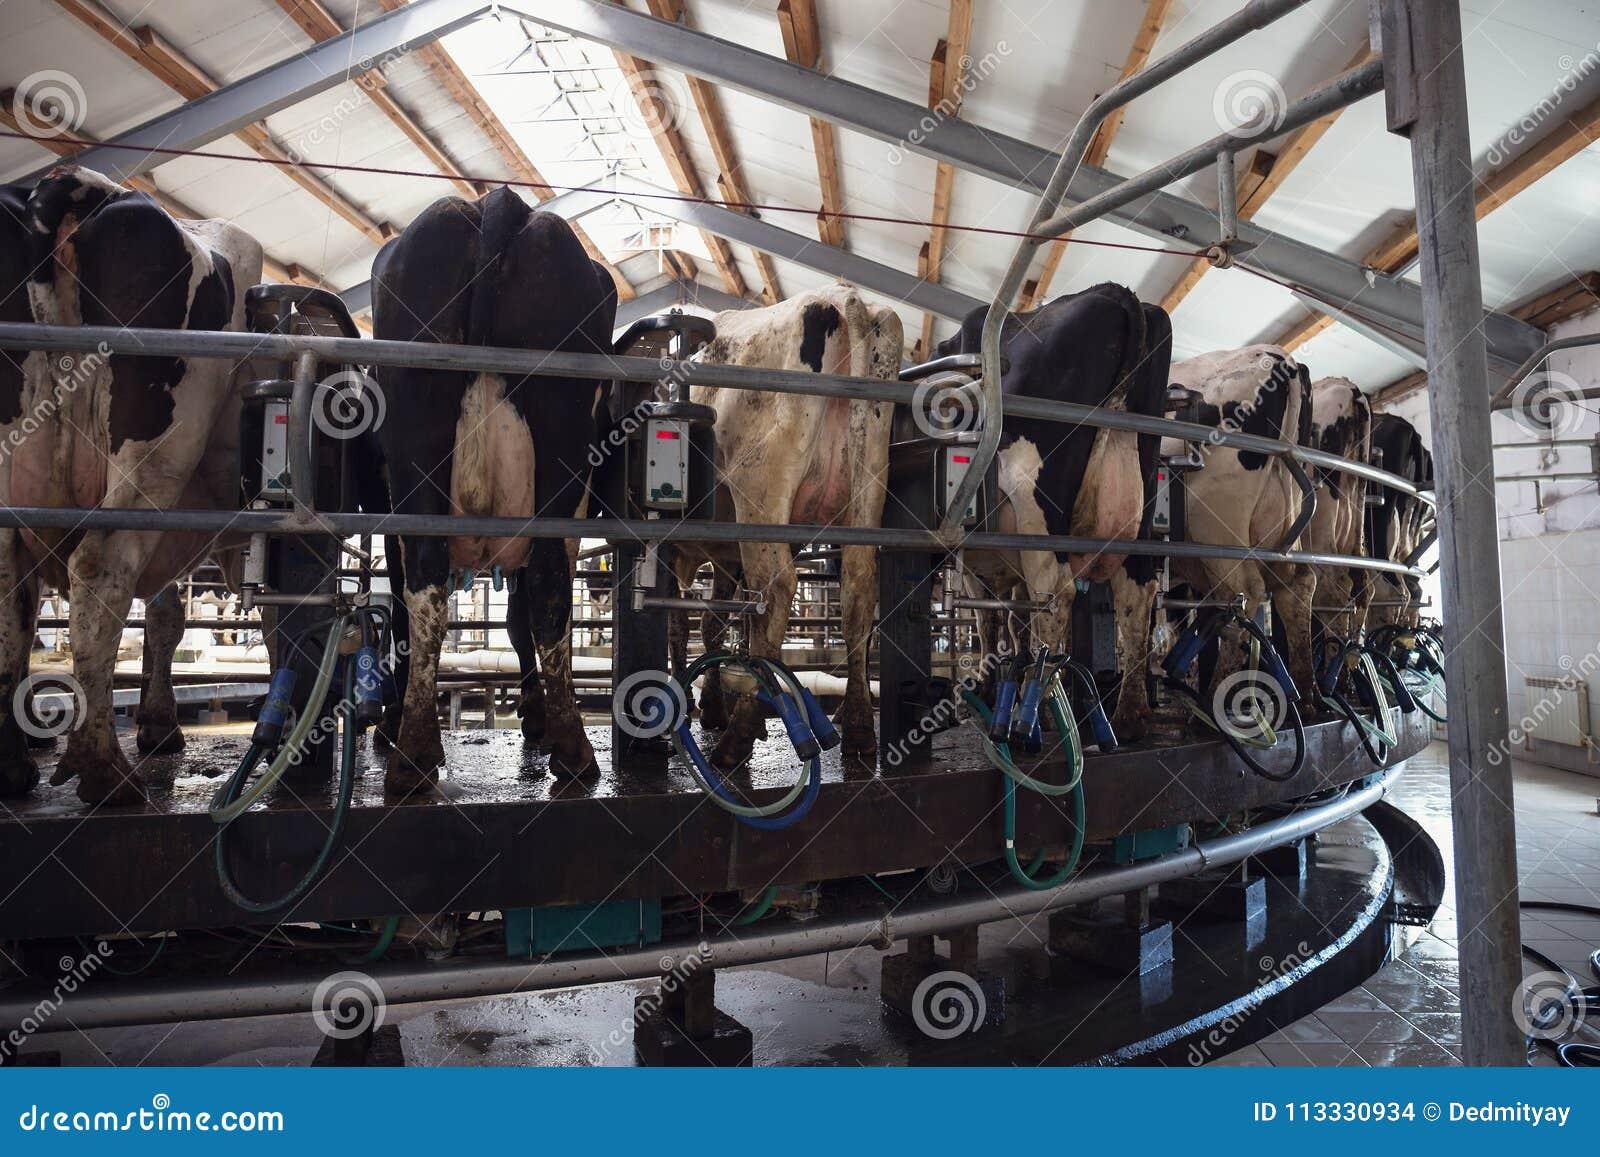 母牛的转盘挤奶厅,在奶牛场的挤奶设备